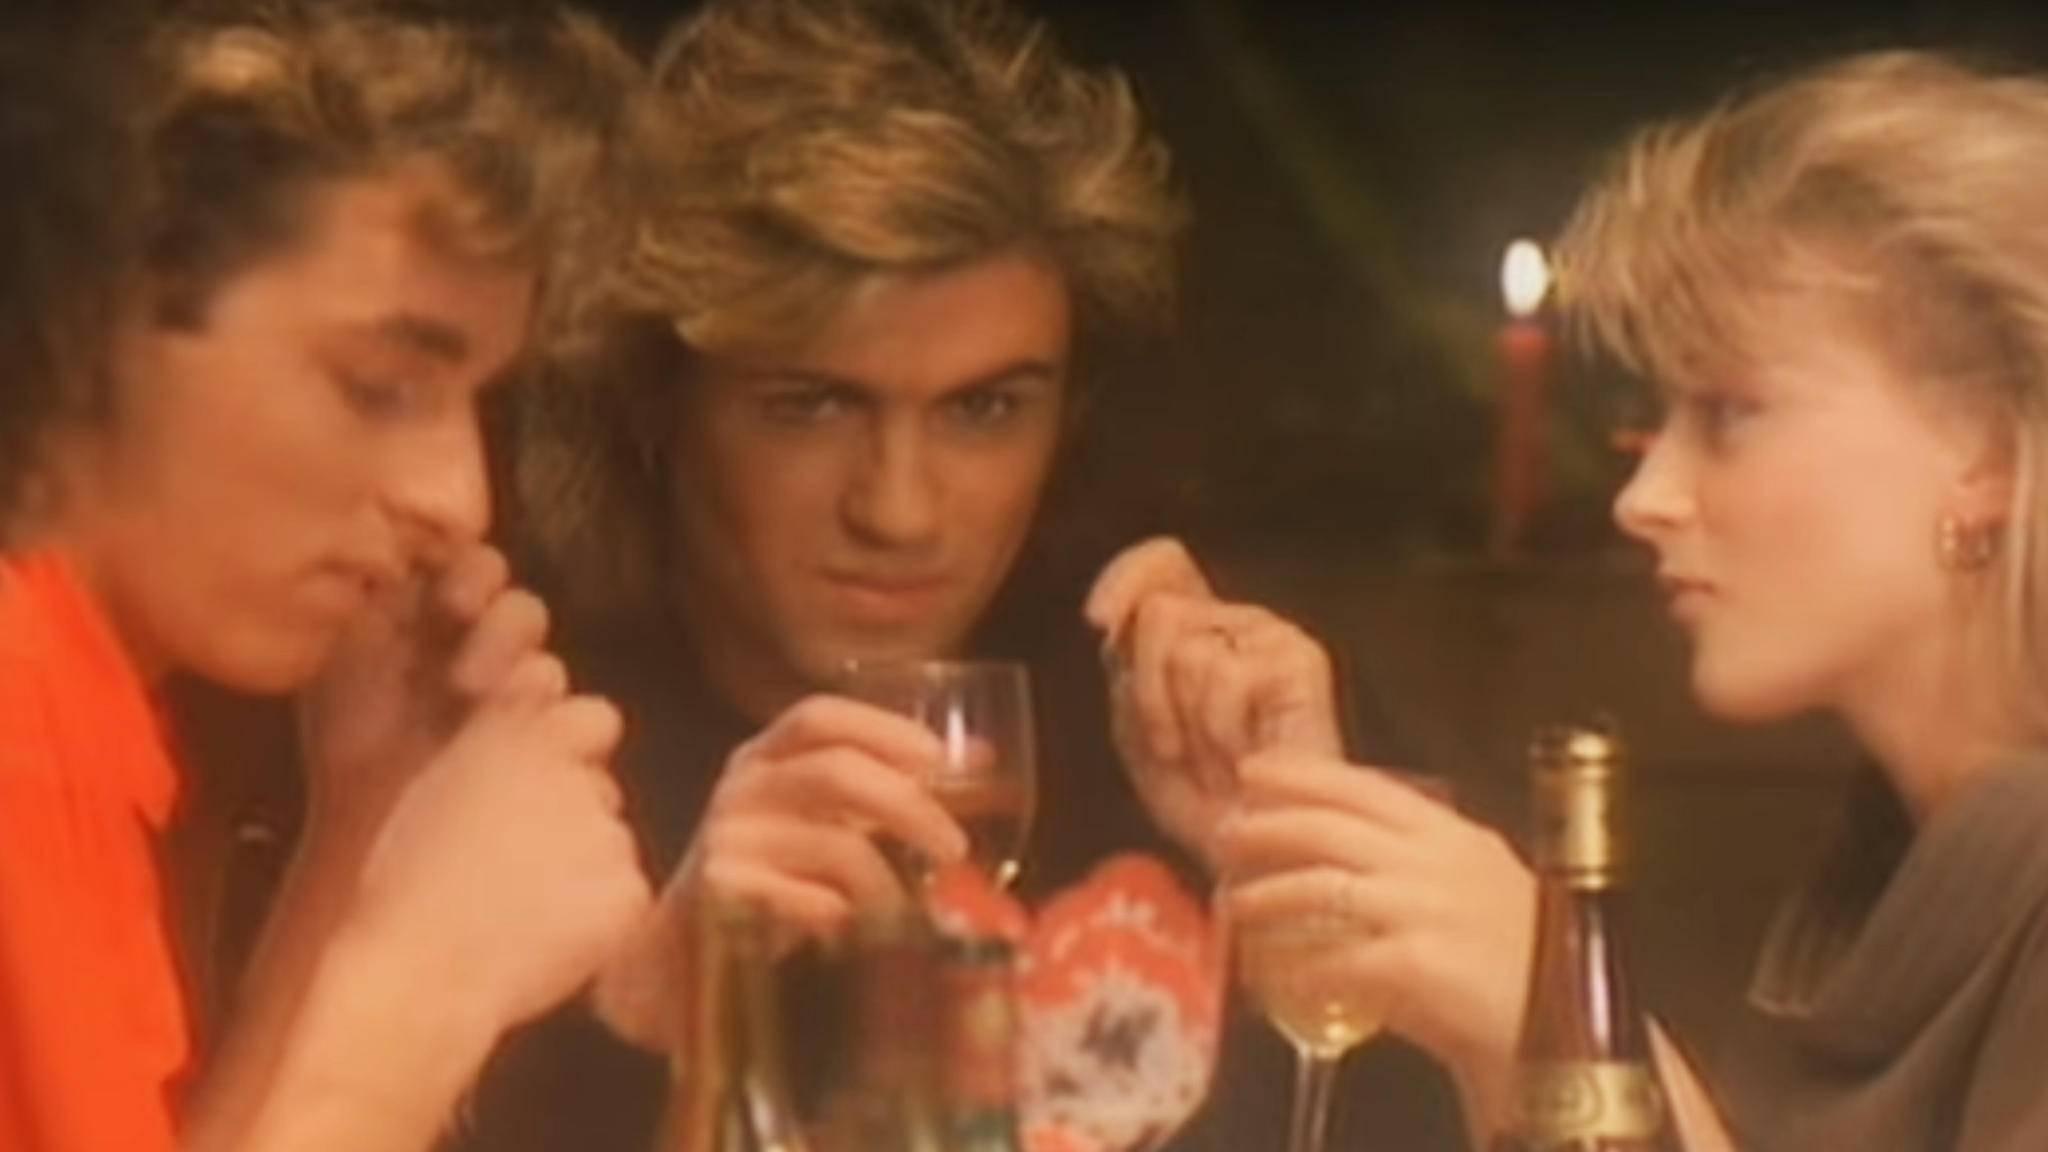 """Beim besinnlichen Weihnachtsessen: George Michael im Video zu """"Last Christmas""""."""